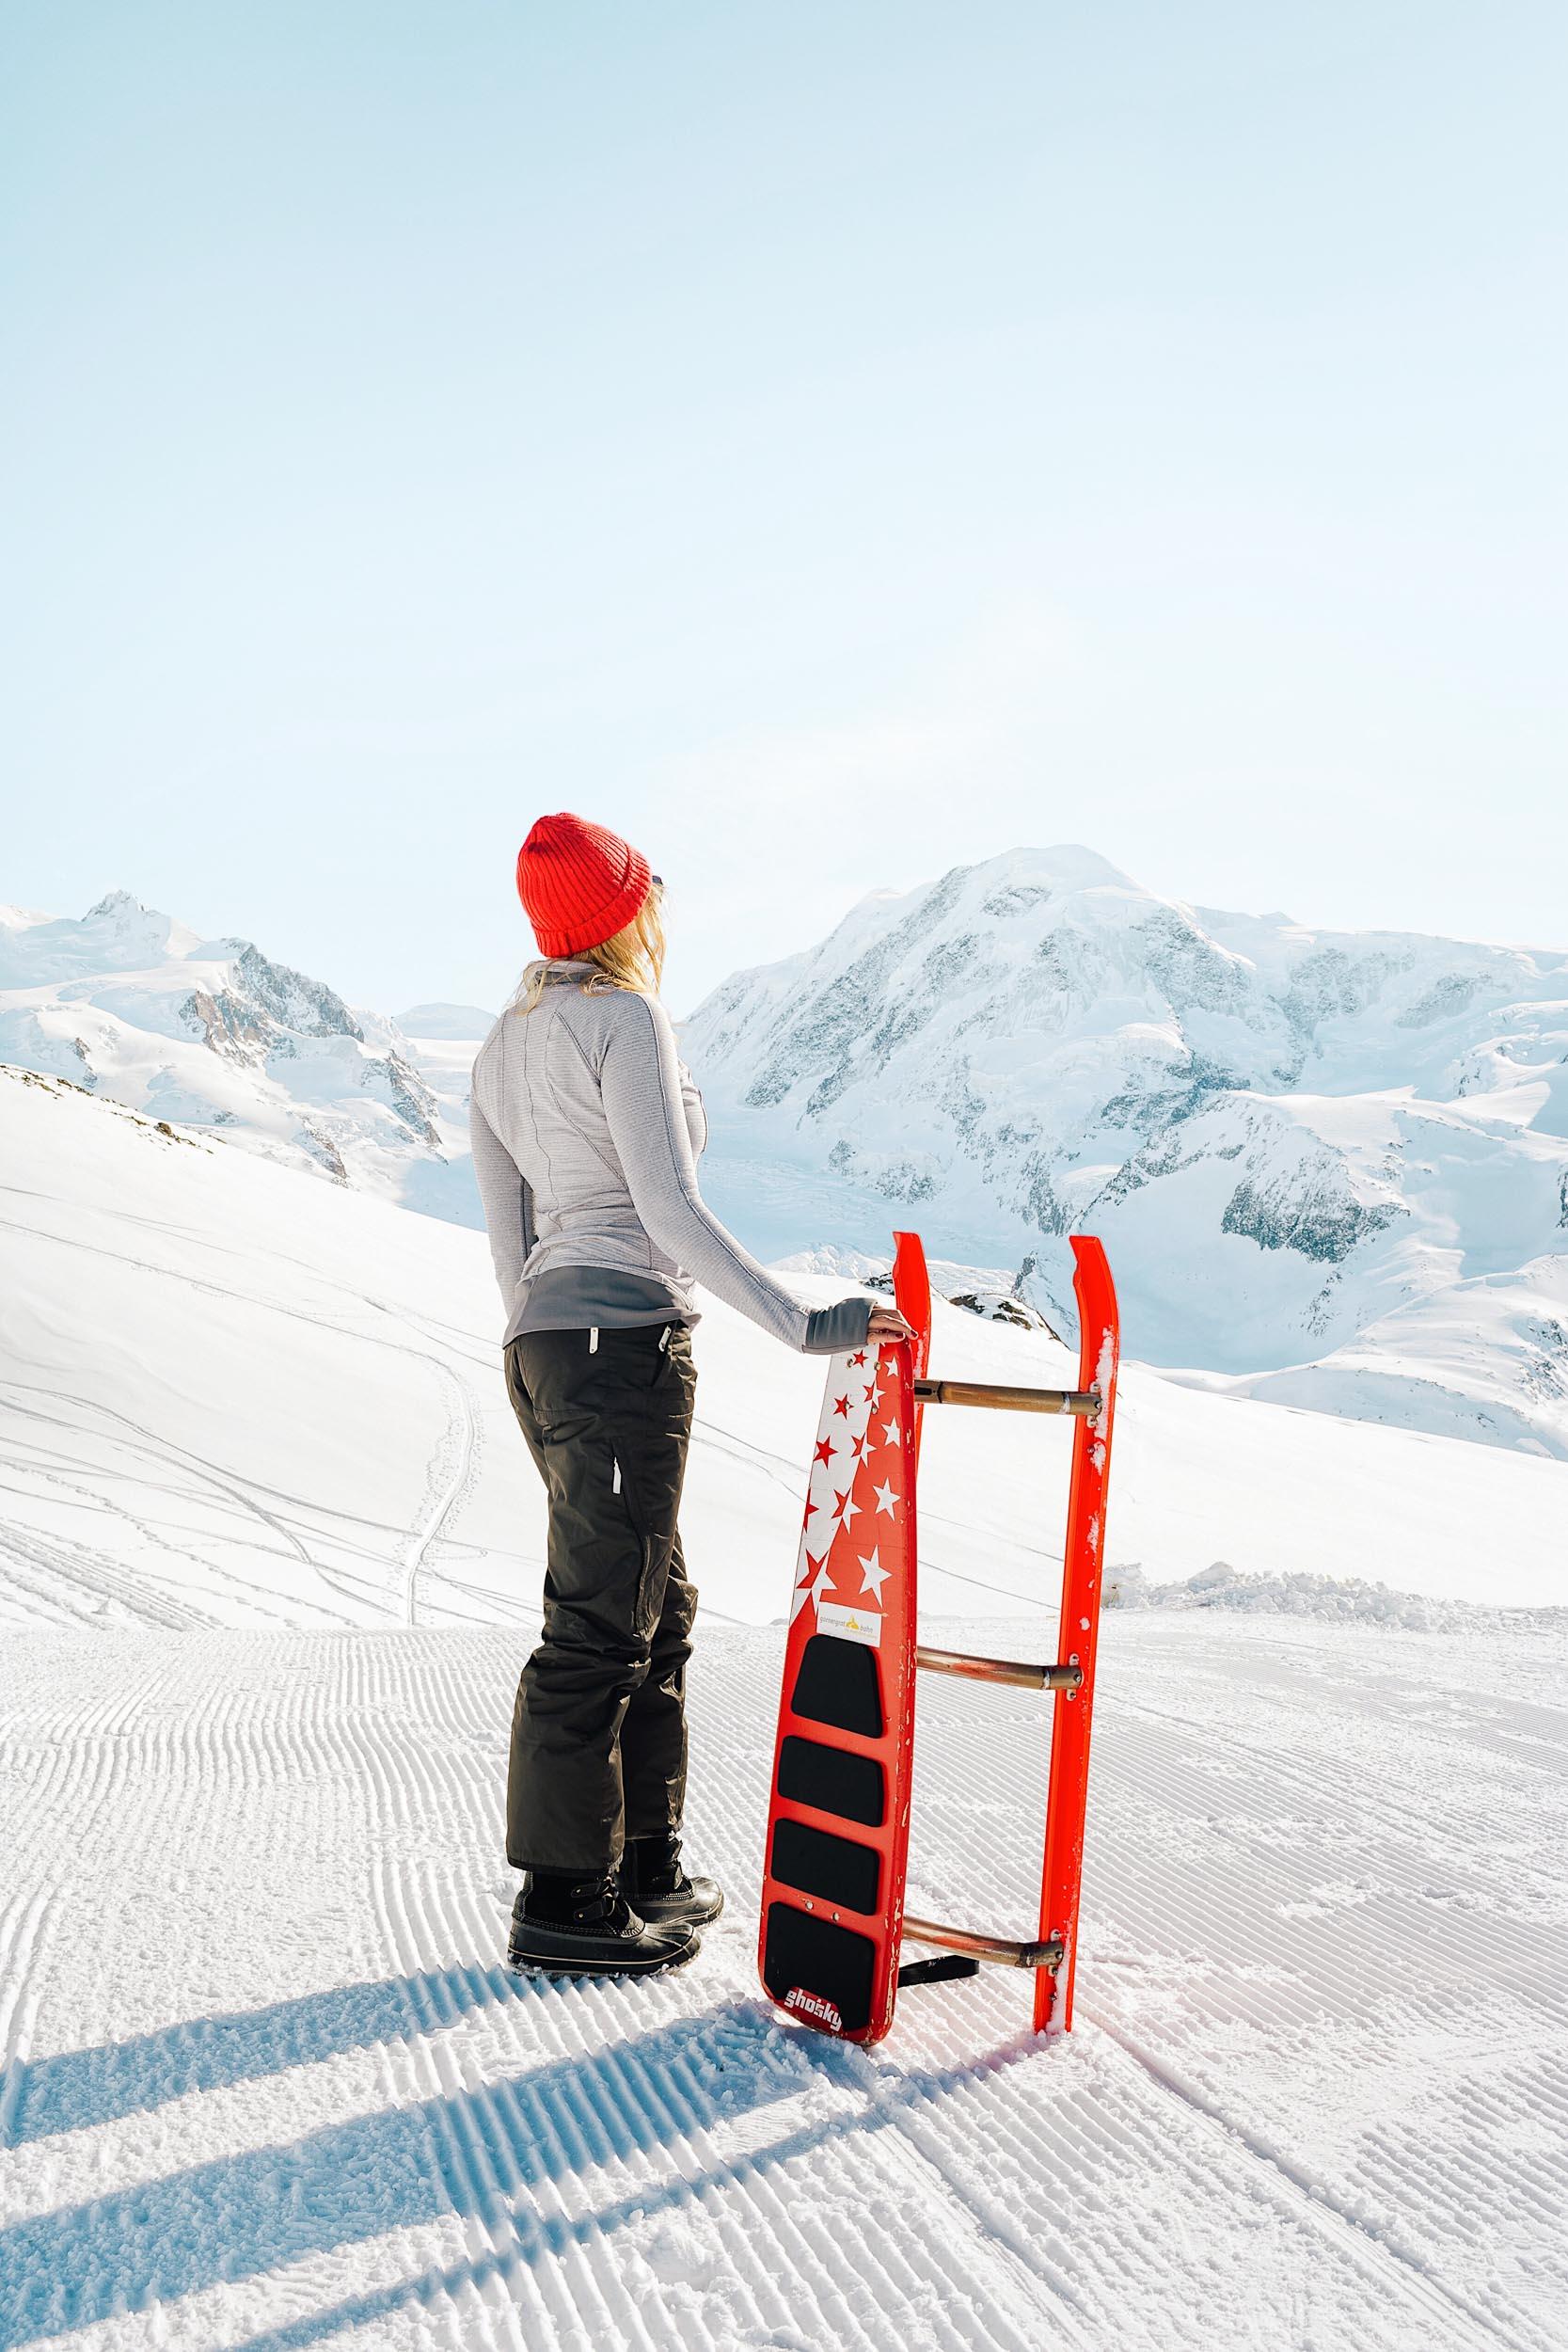 Tobogganing in Zermatt - a great winter adventure!